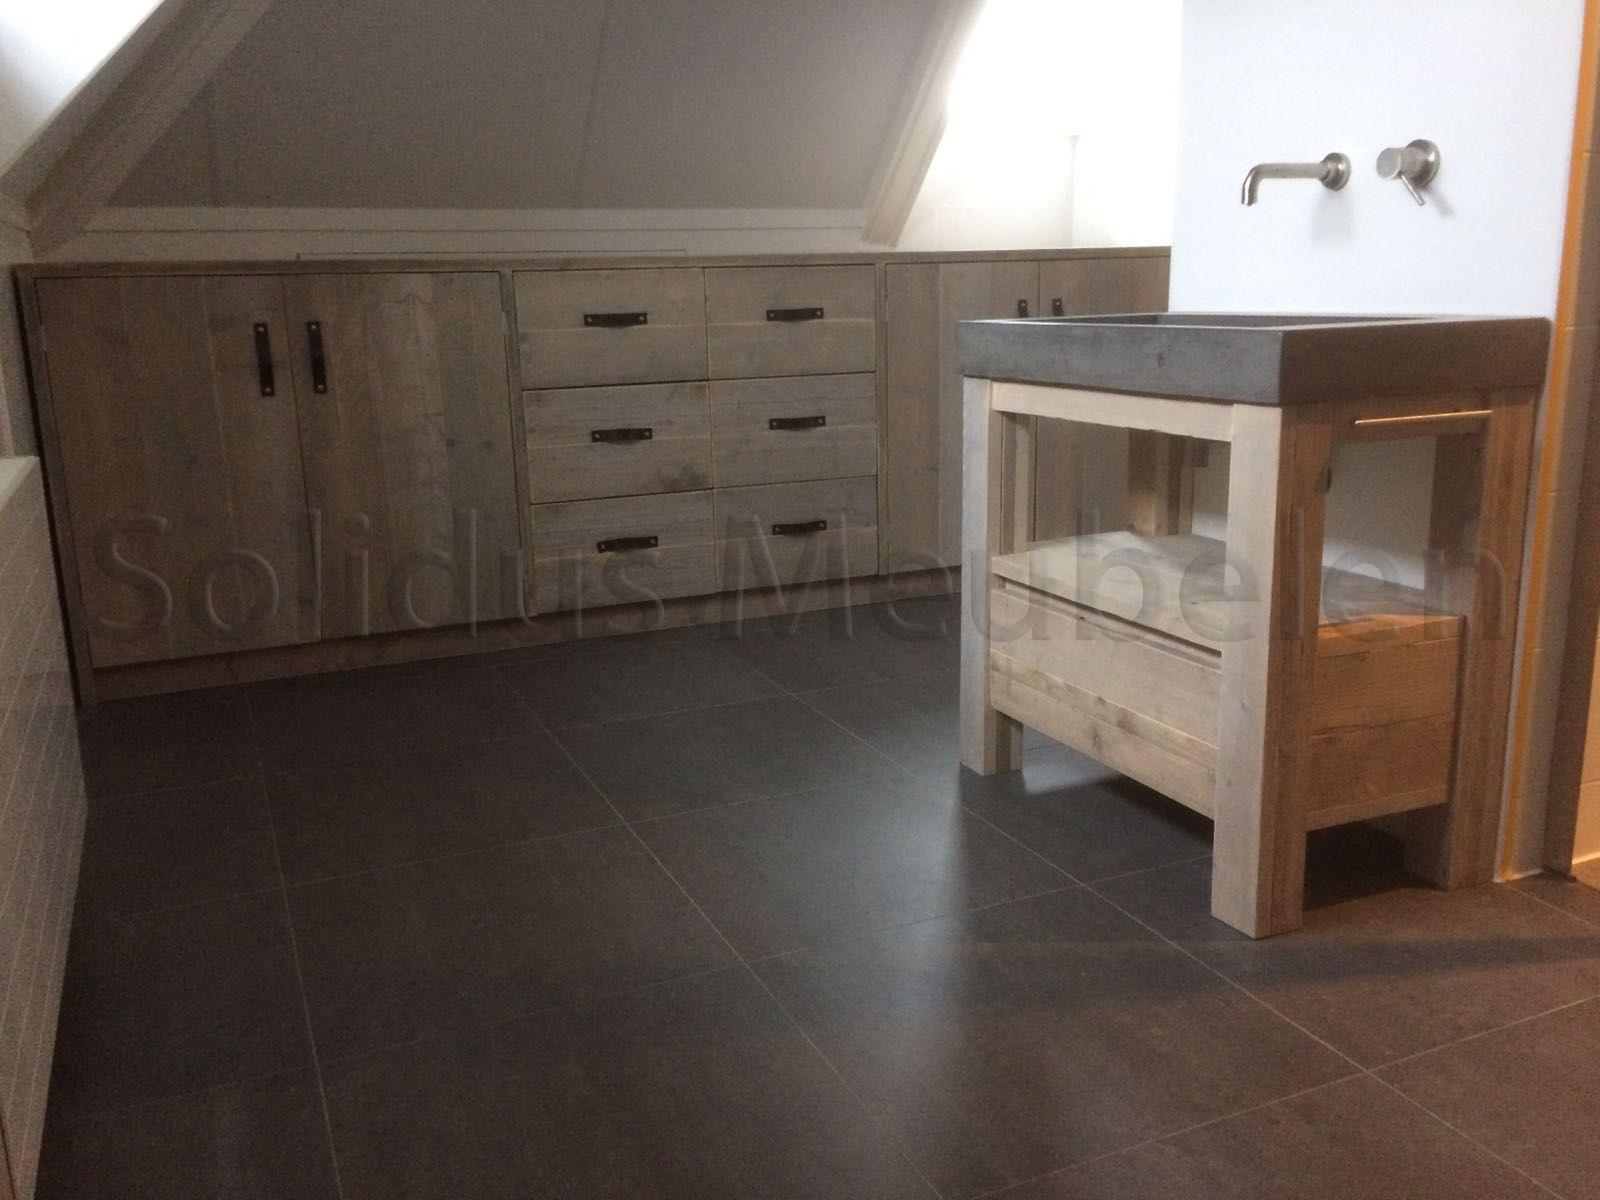 maatwerk badkamermeubels van steigerhout en beton badkamermeubel